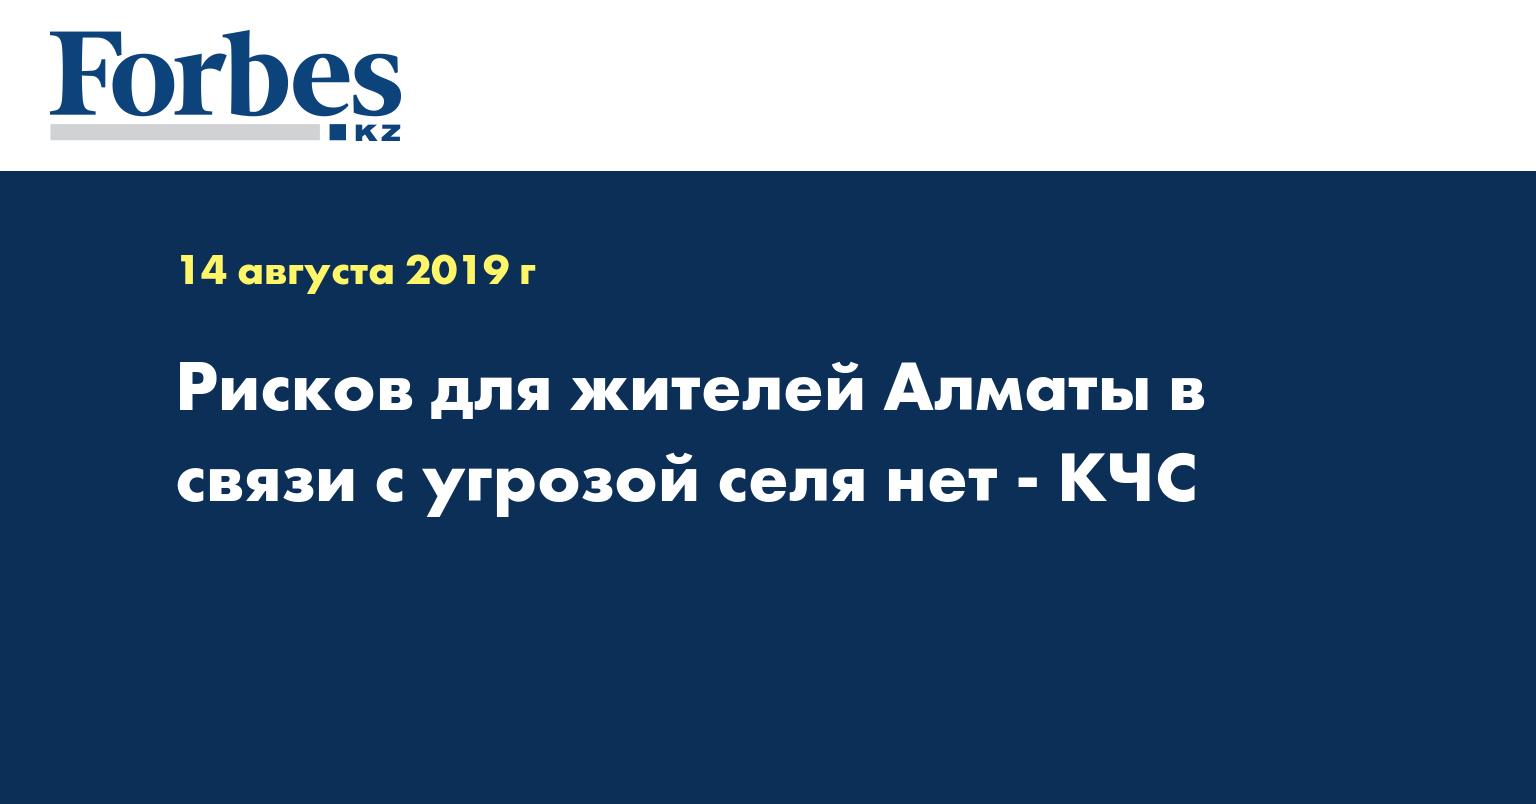 Рисков для жителей Алматы в связи с угрозой селя нет - КЧС